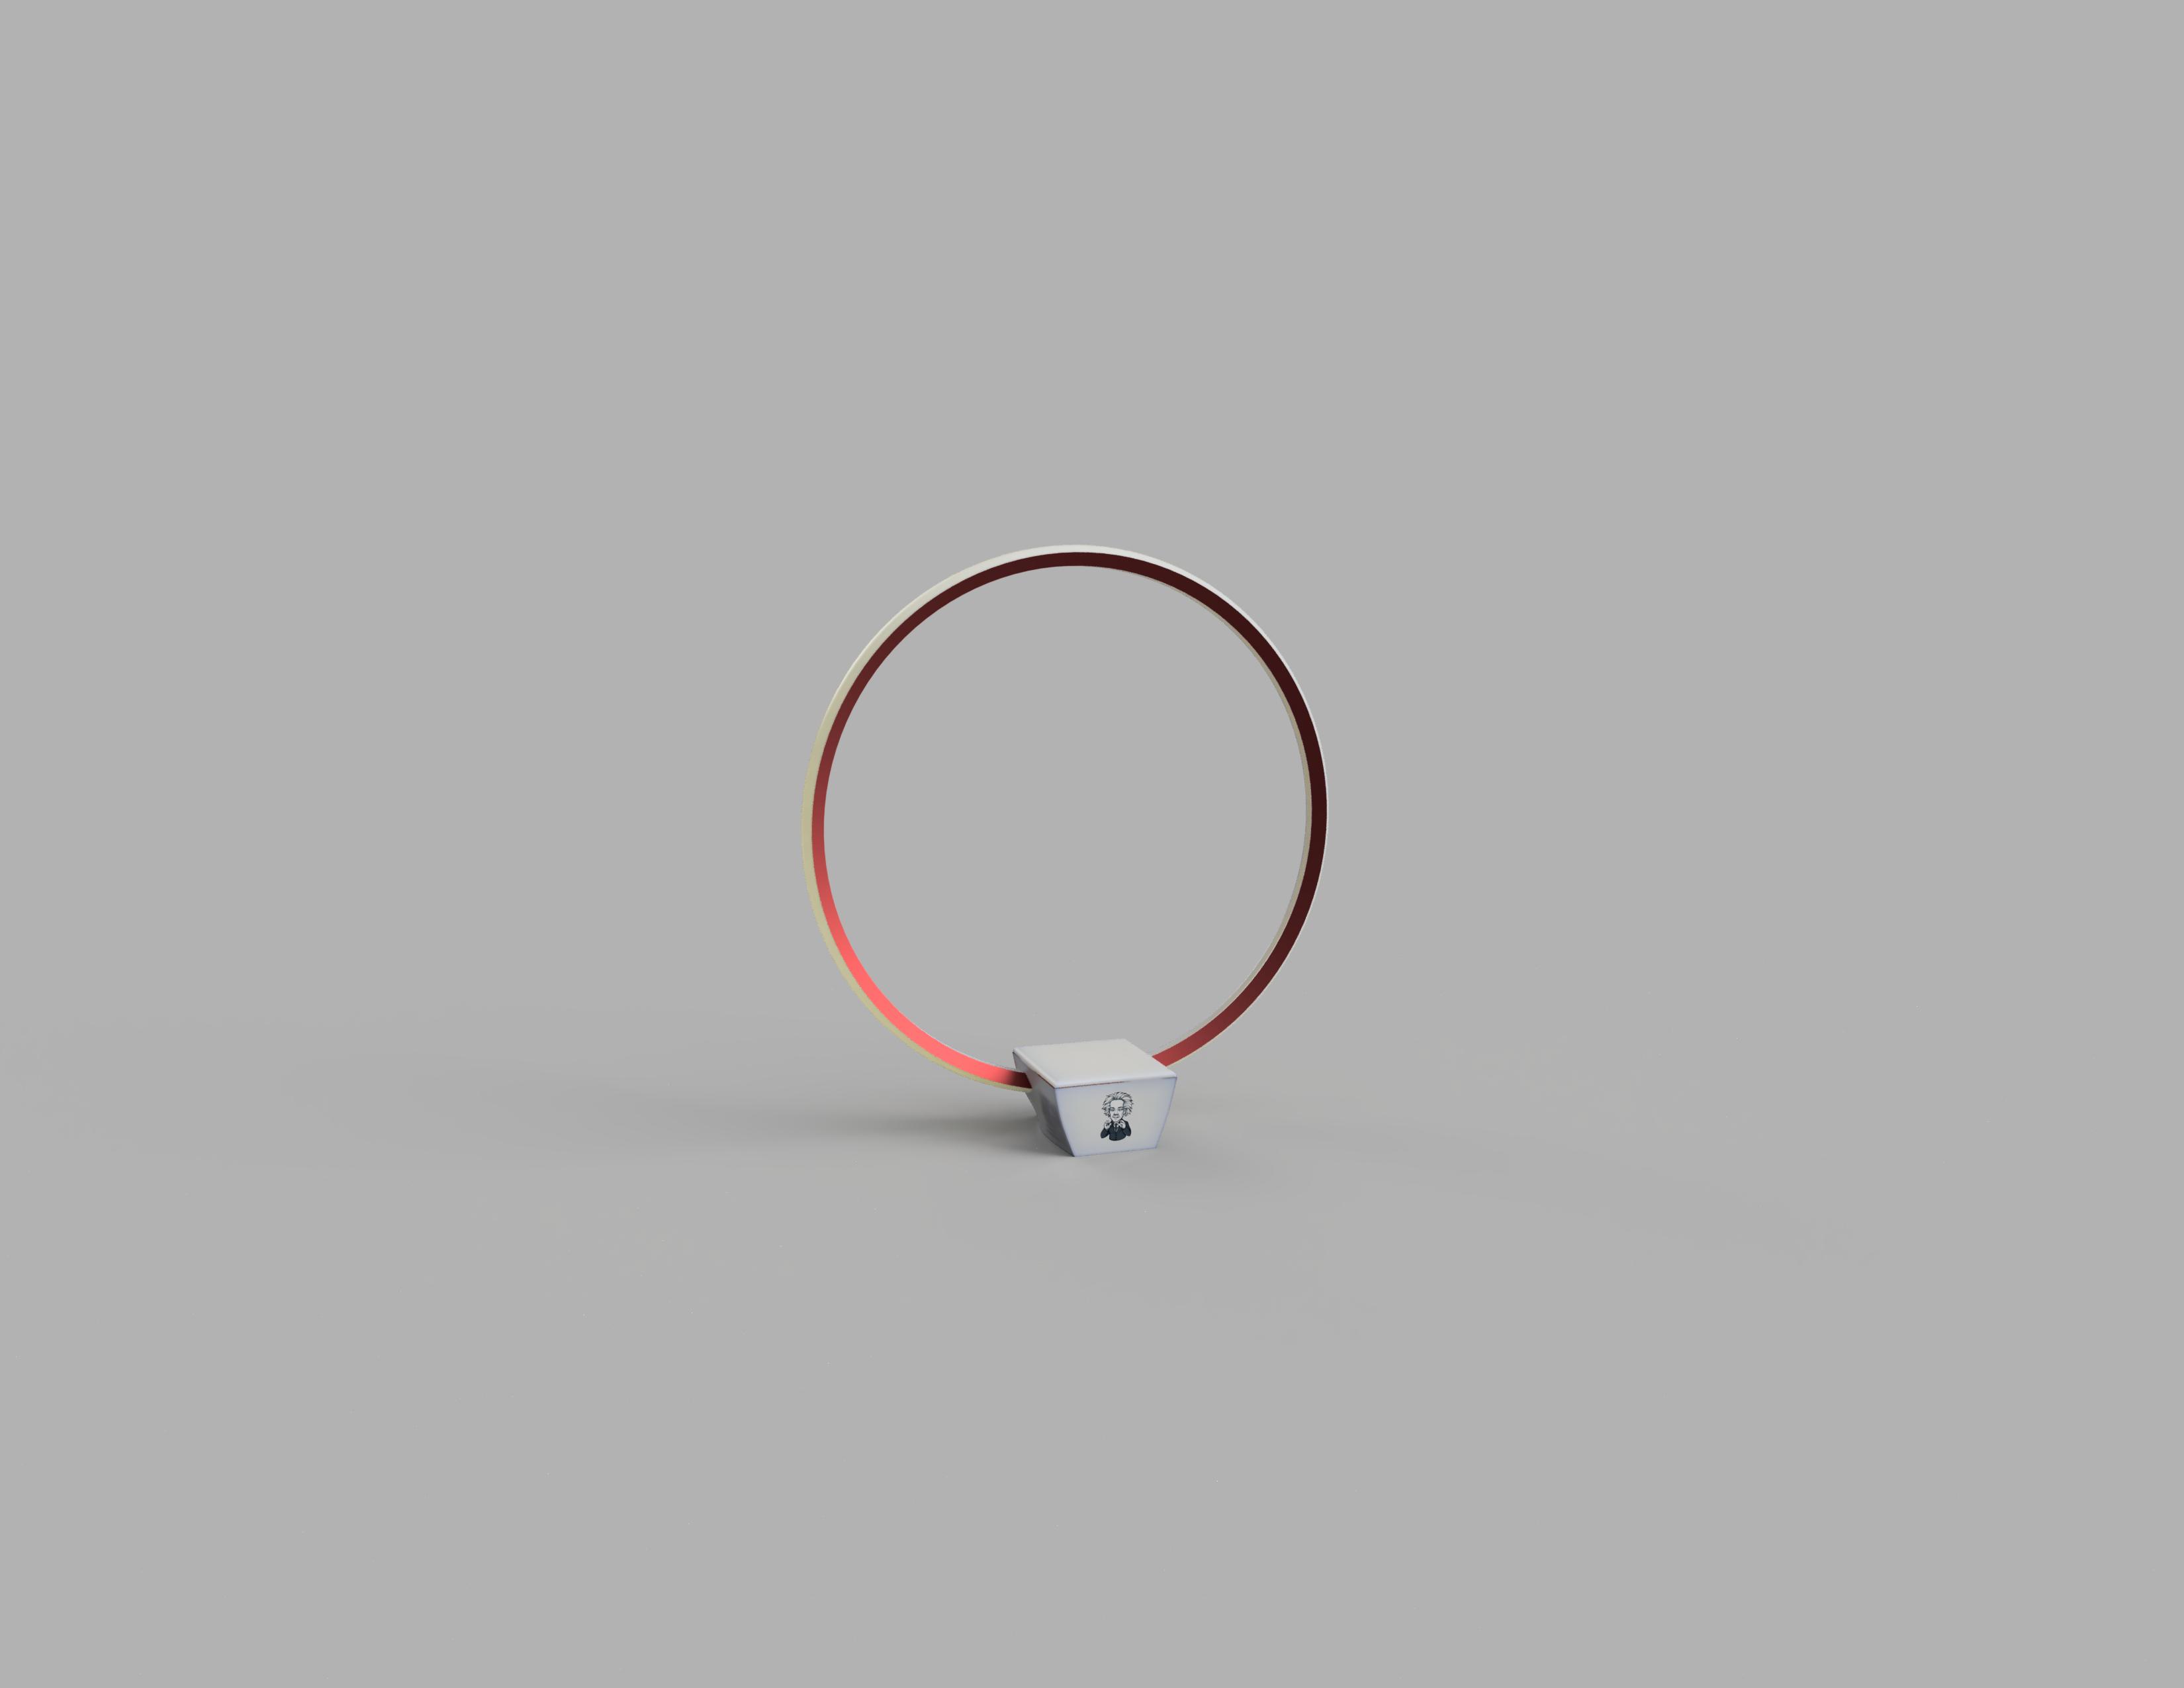 Lampara_Mesada Render.png Télécharger fichier STL gratuit Lampe - Circulaire LED - Circulaire • Design pour impression 3D, JDF89